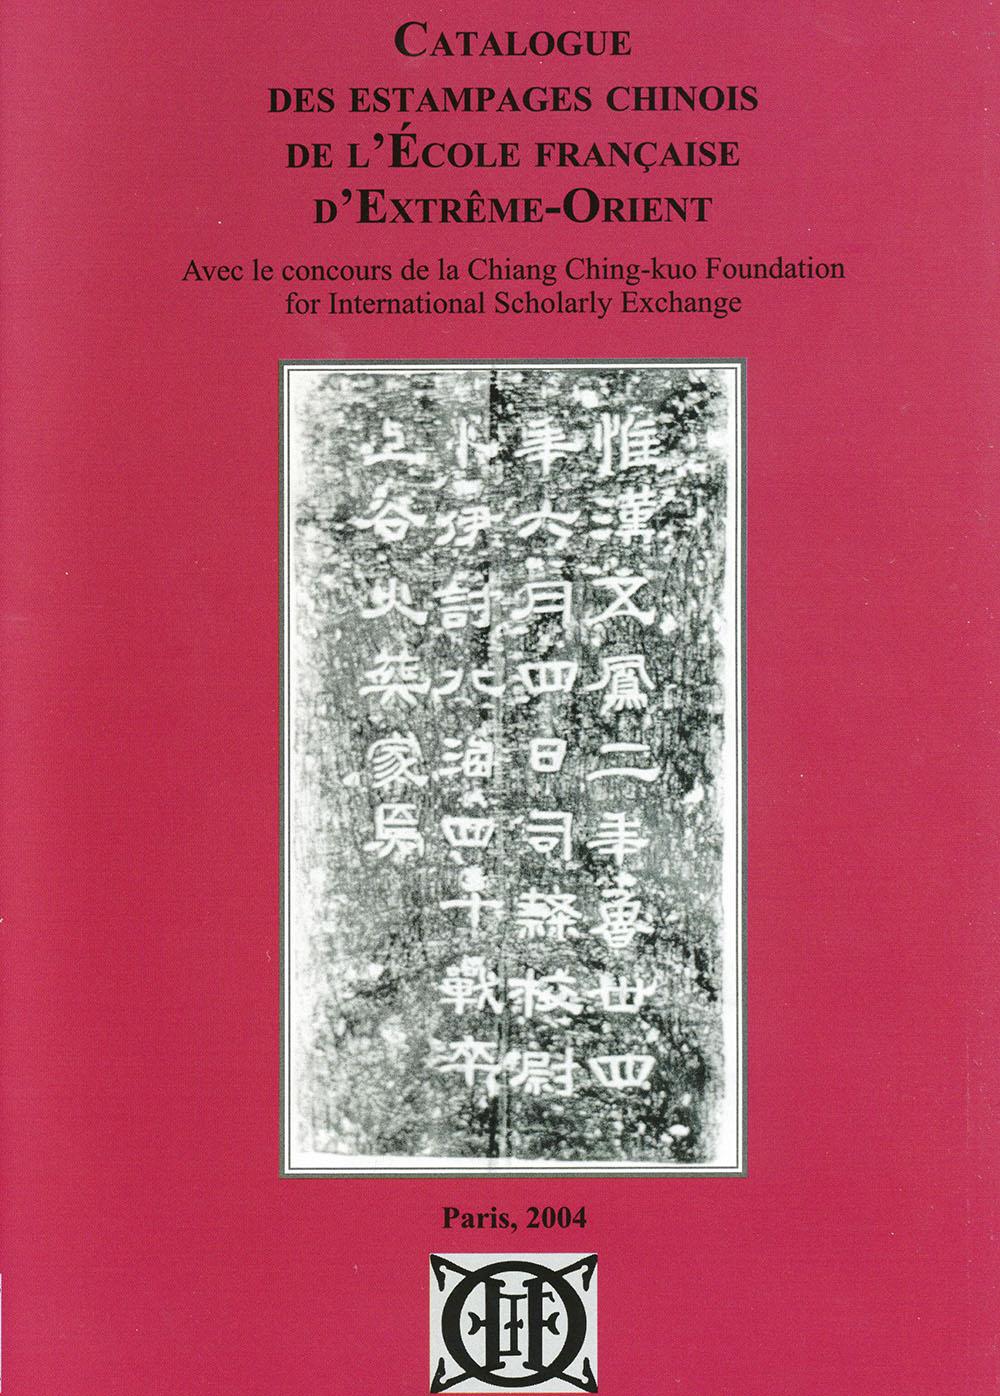 Catalogue des estampages de l'École française d'Extrême-Orient